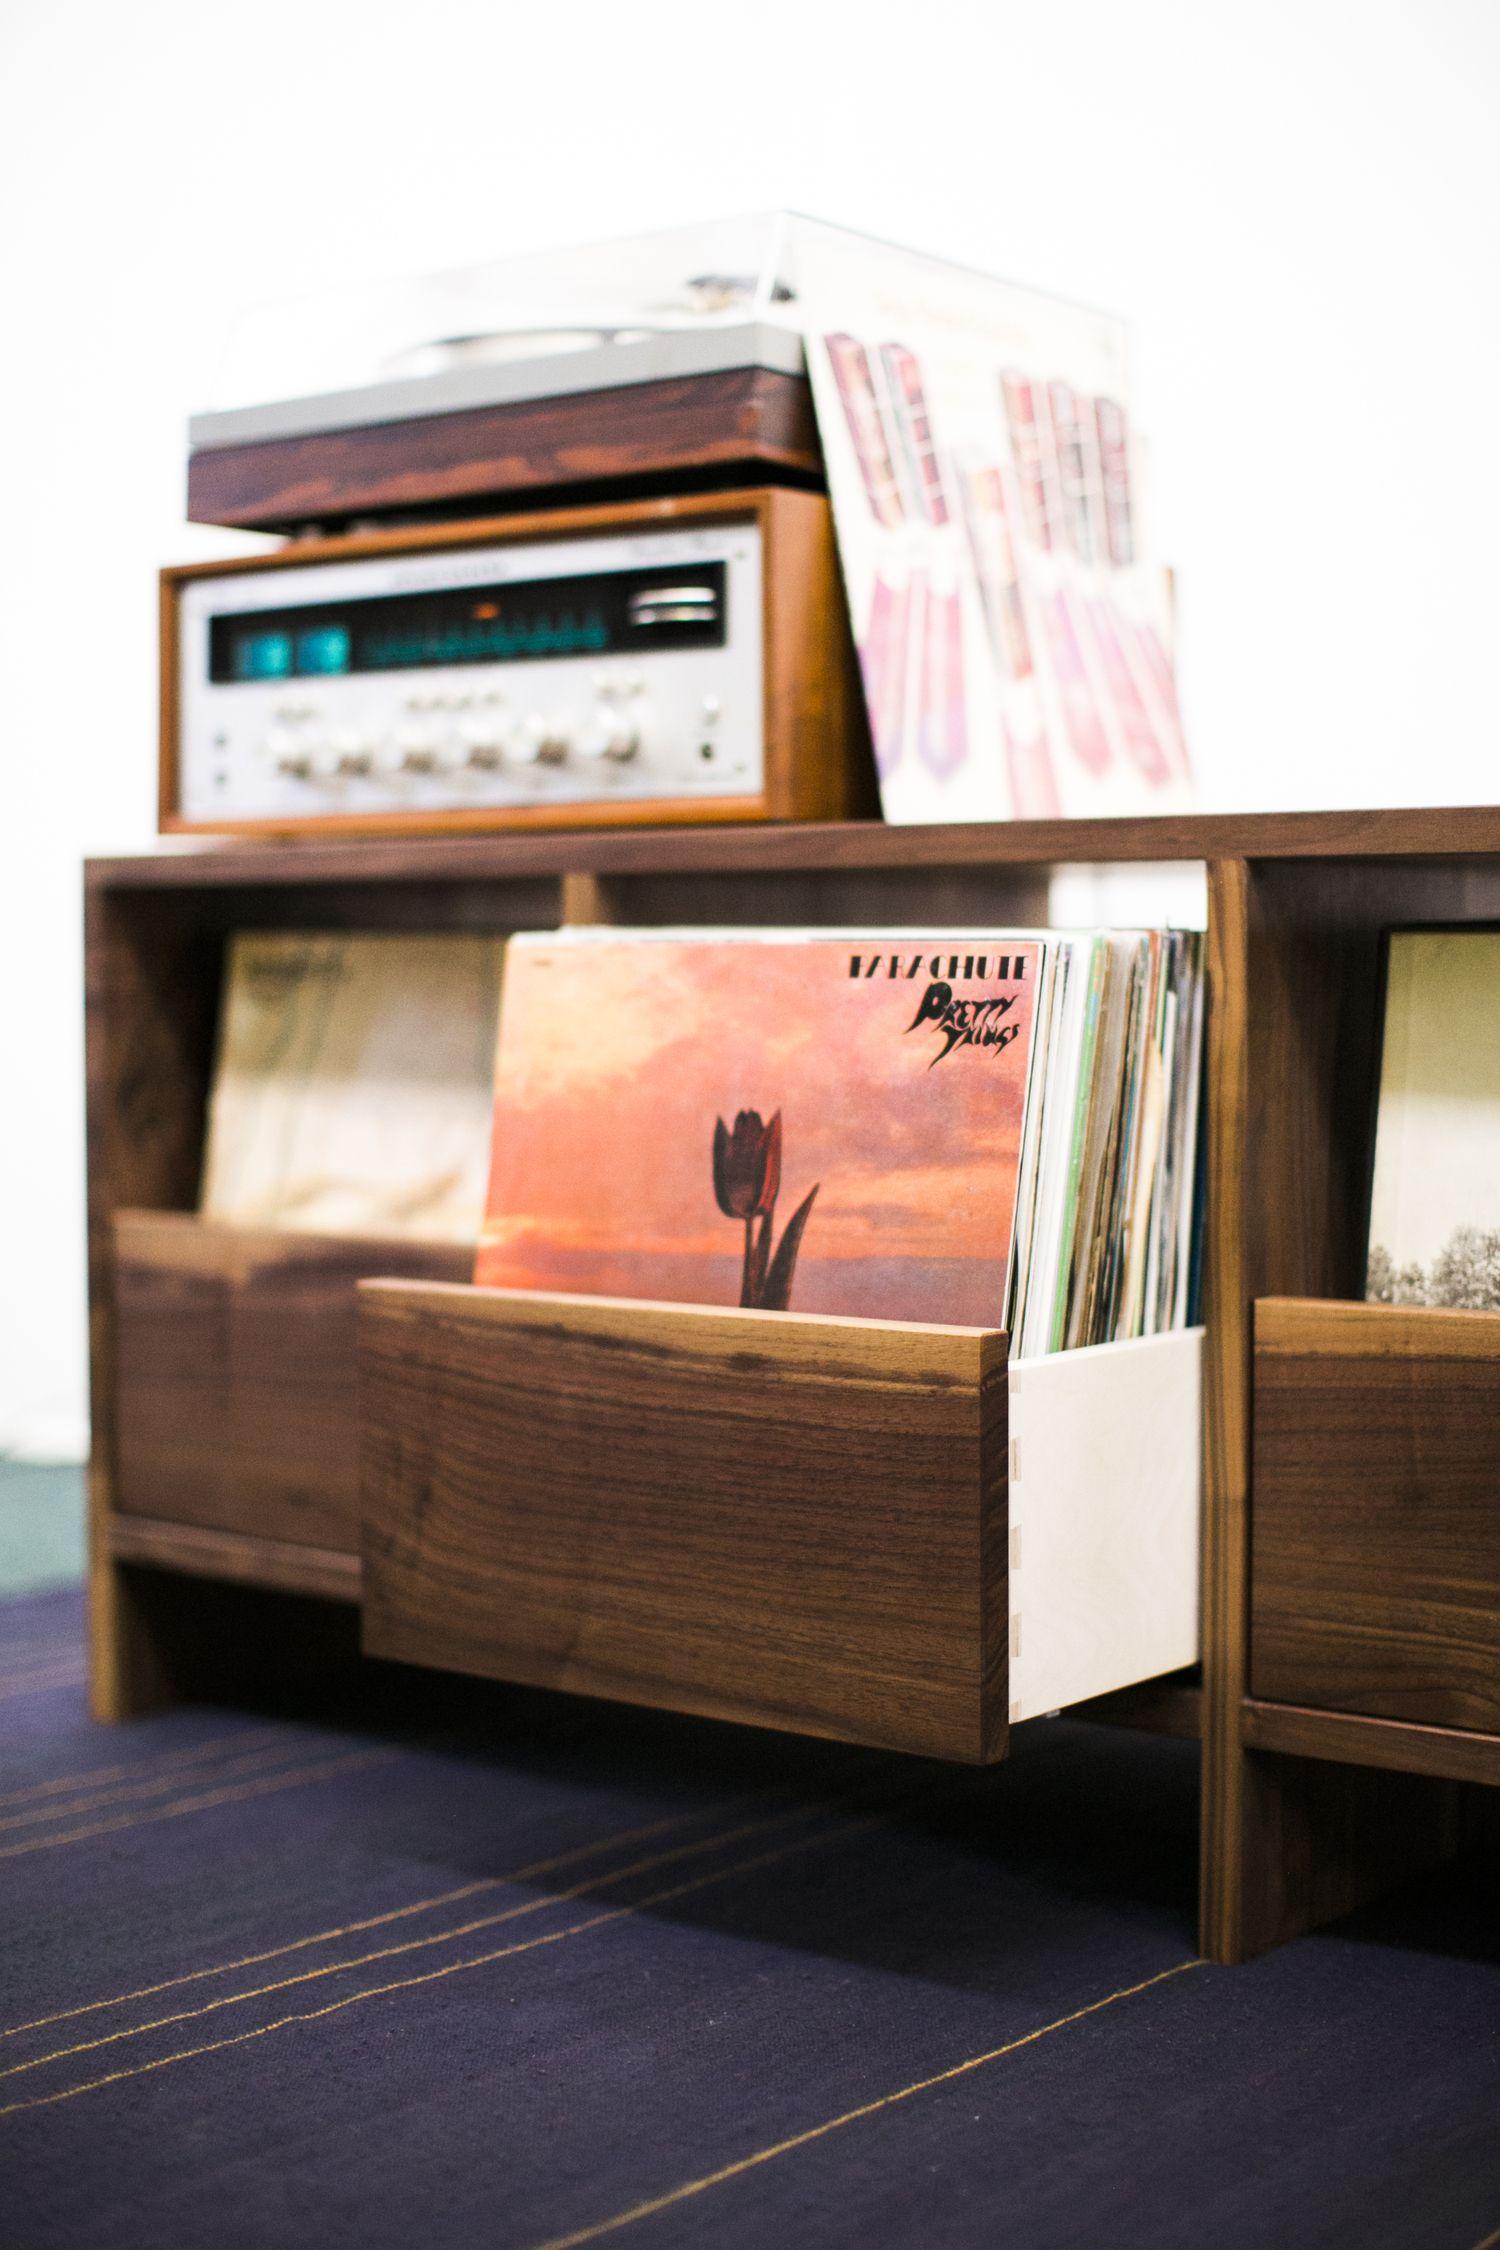 Best Kitchen Gallery: Vinyl Cabi Record Storage Vinyl Storage And Storage of Cabinet Storage Turntable on rachelxblog.com